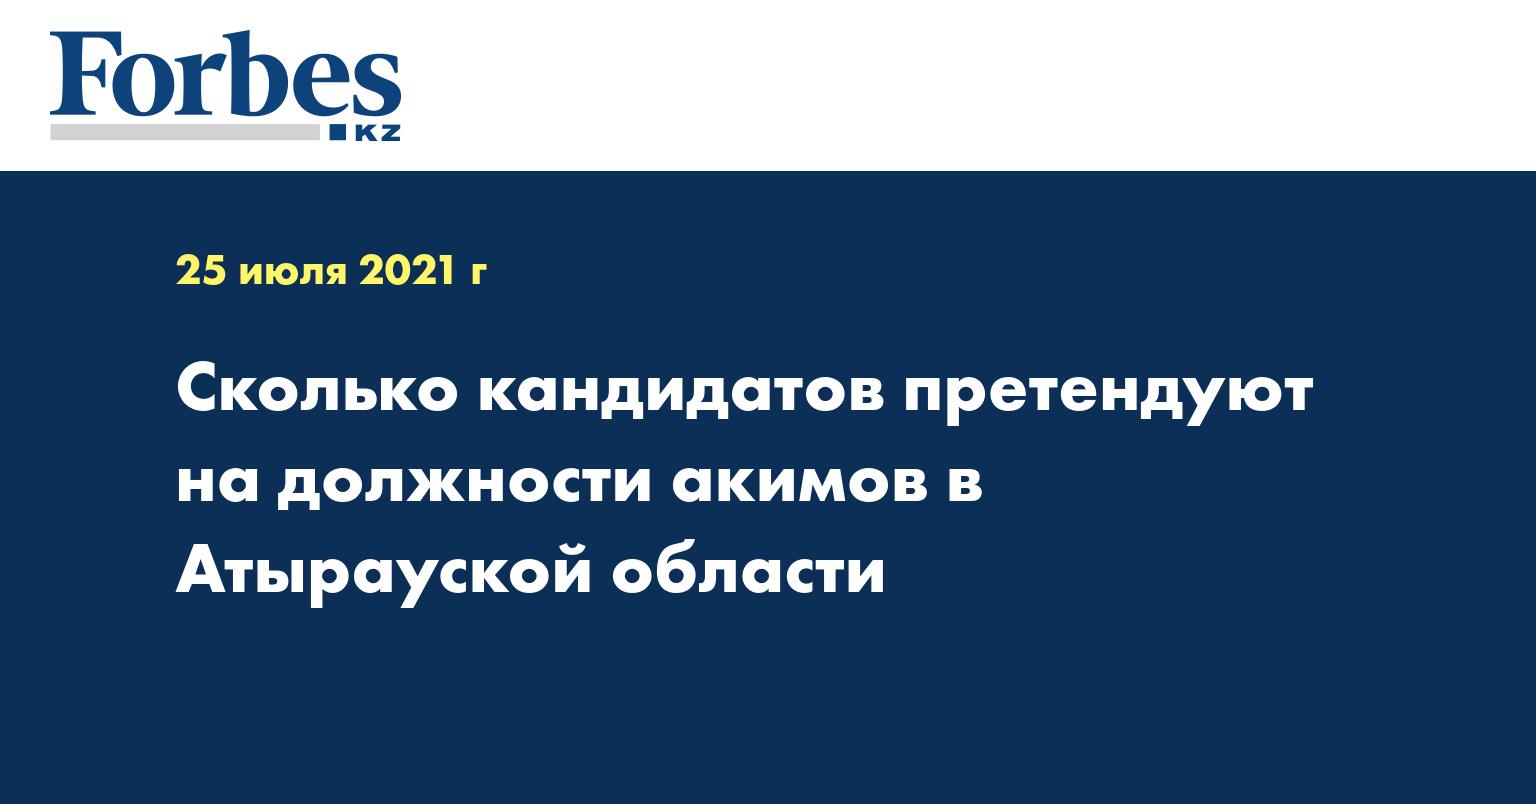 Сколько кандидатов претендуют на должности акимов в Атырауской области